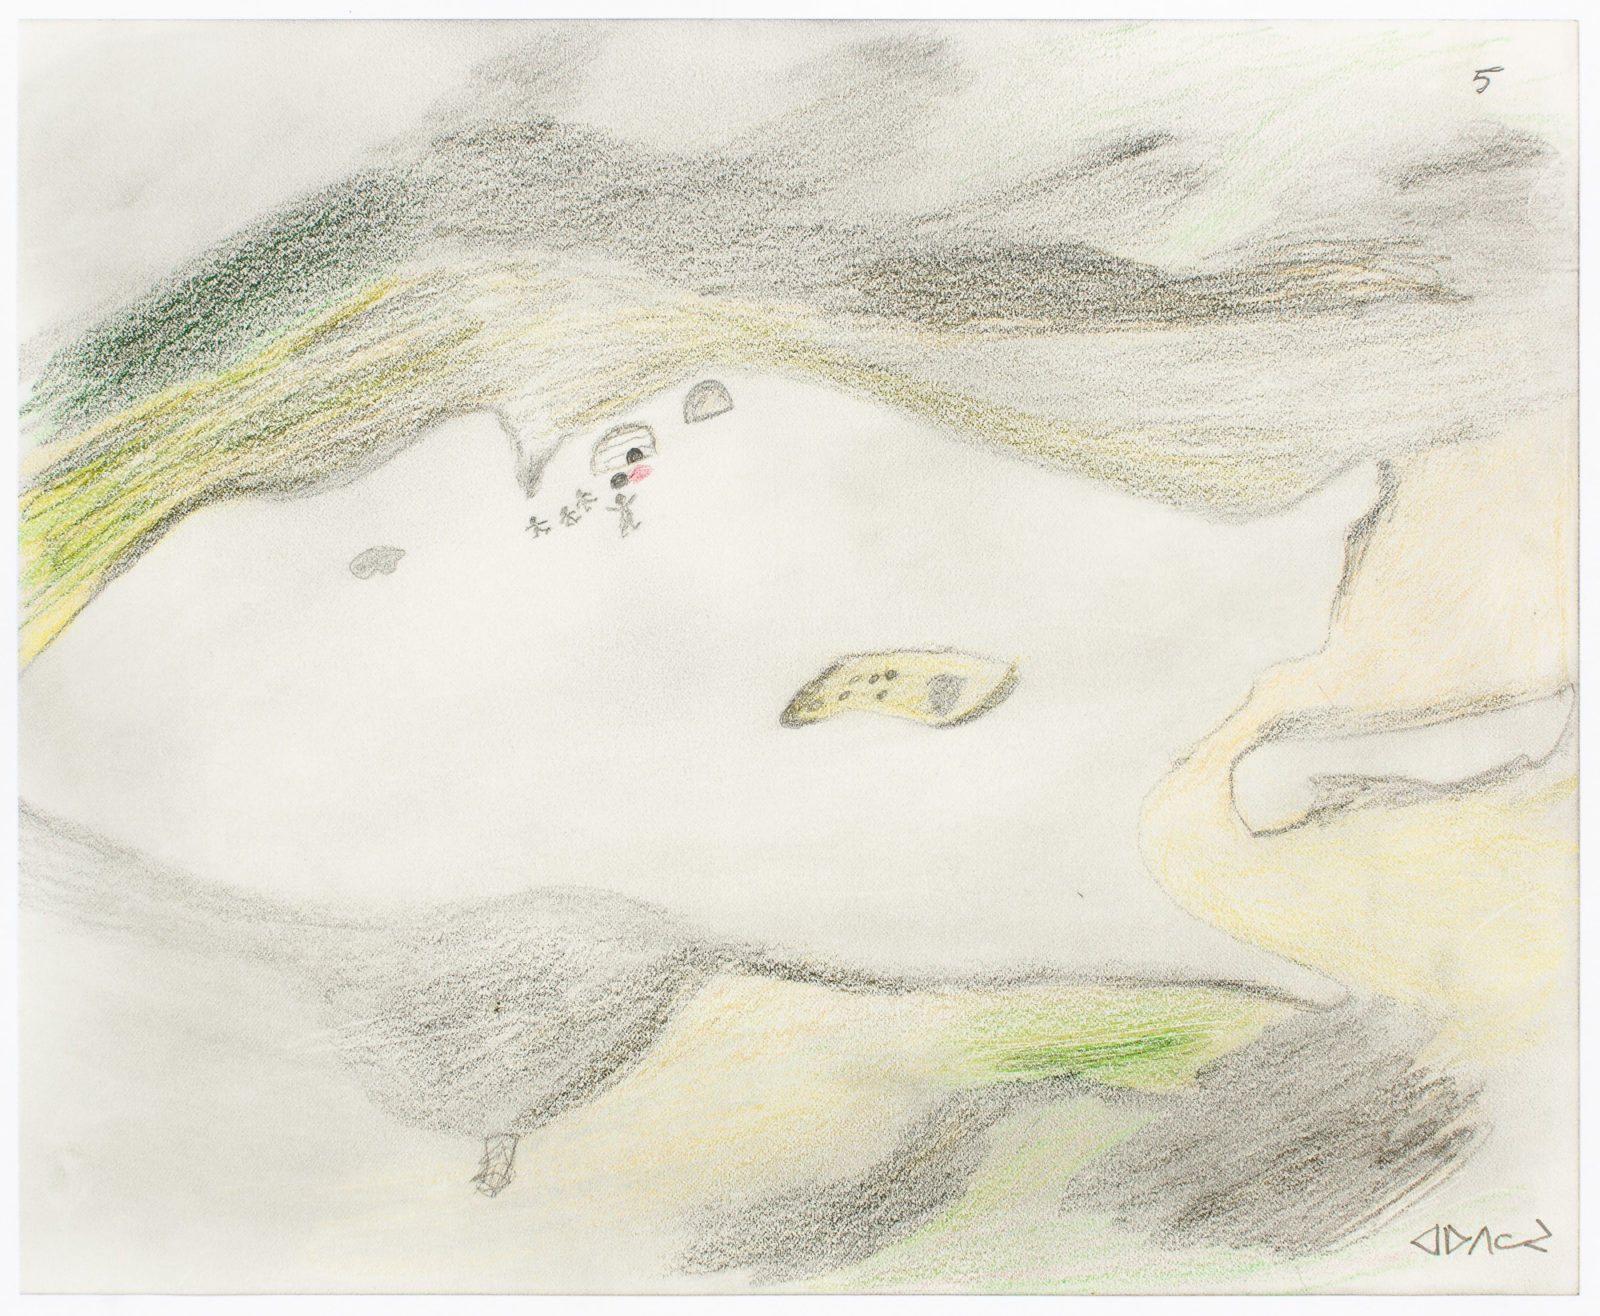 Mariano Aupilardjuk - untitled (people frightened by igloo spirit)